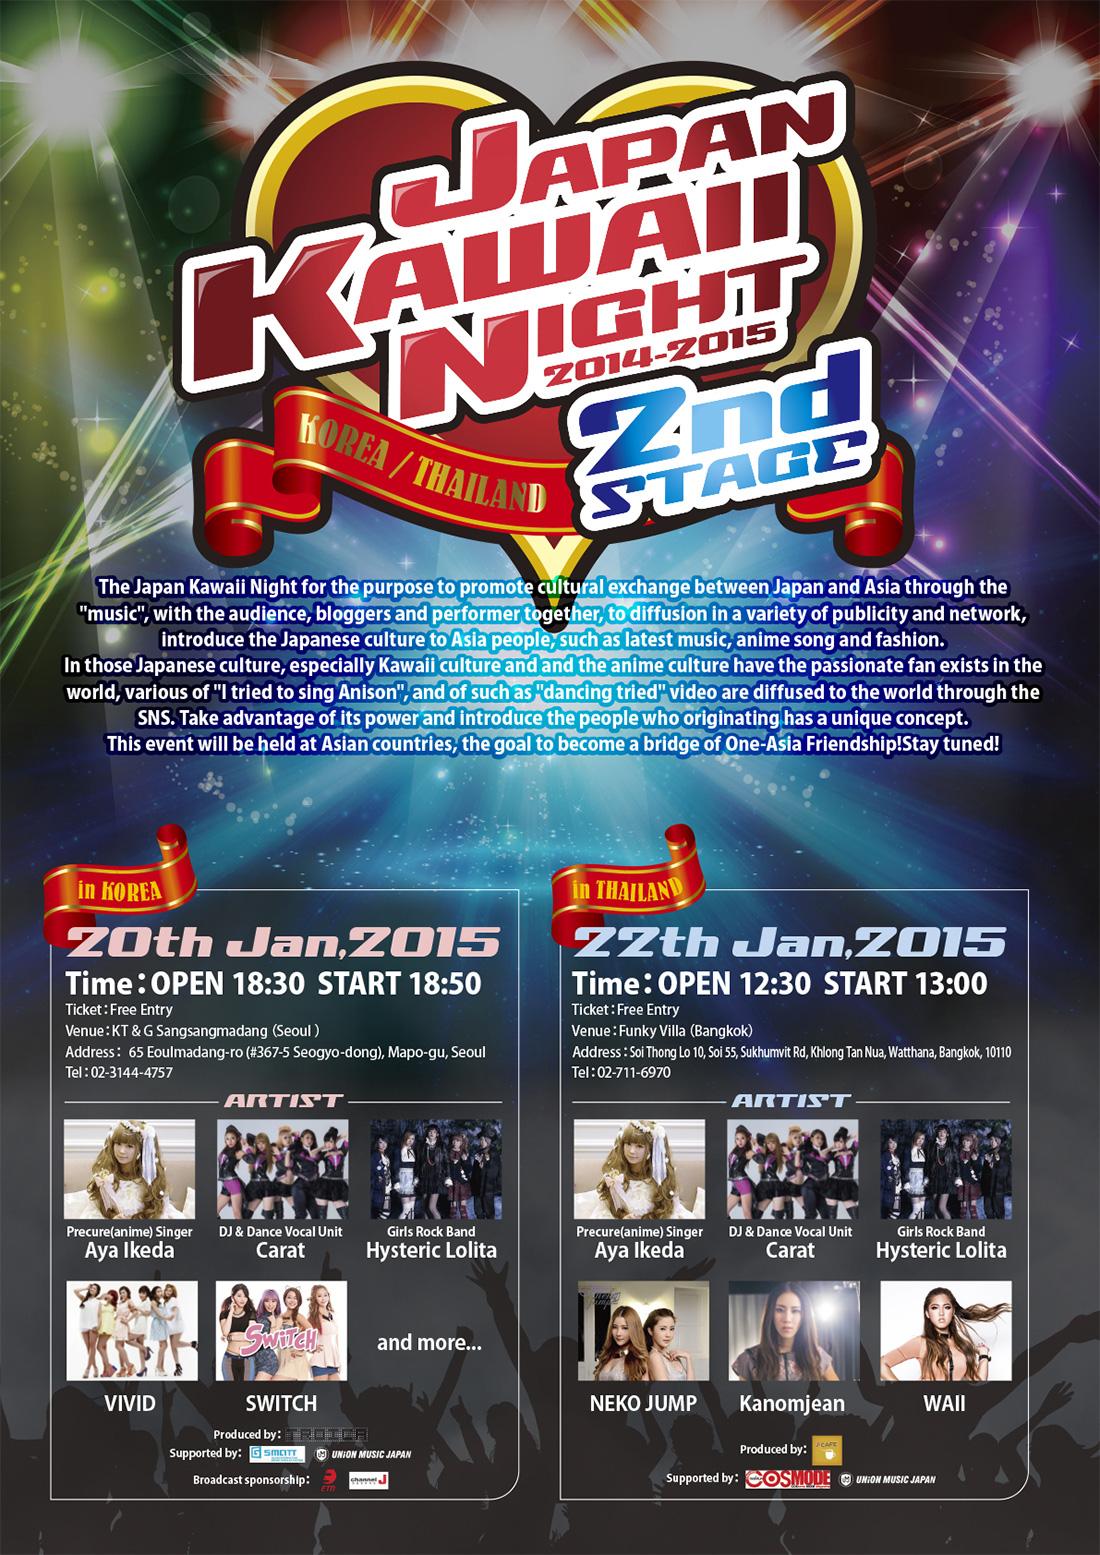 池田彩、Carat、Hysteric Lolita出演『Japan Kawaii Night』がバンコク・Funky Villaで2015年1月22日開催